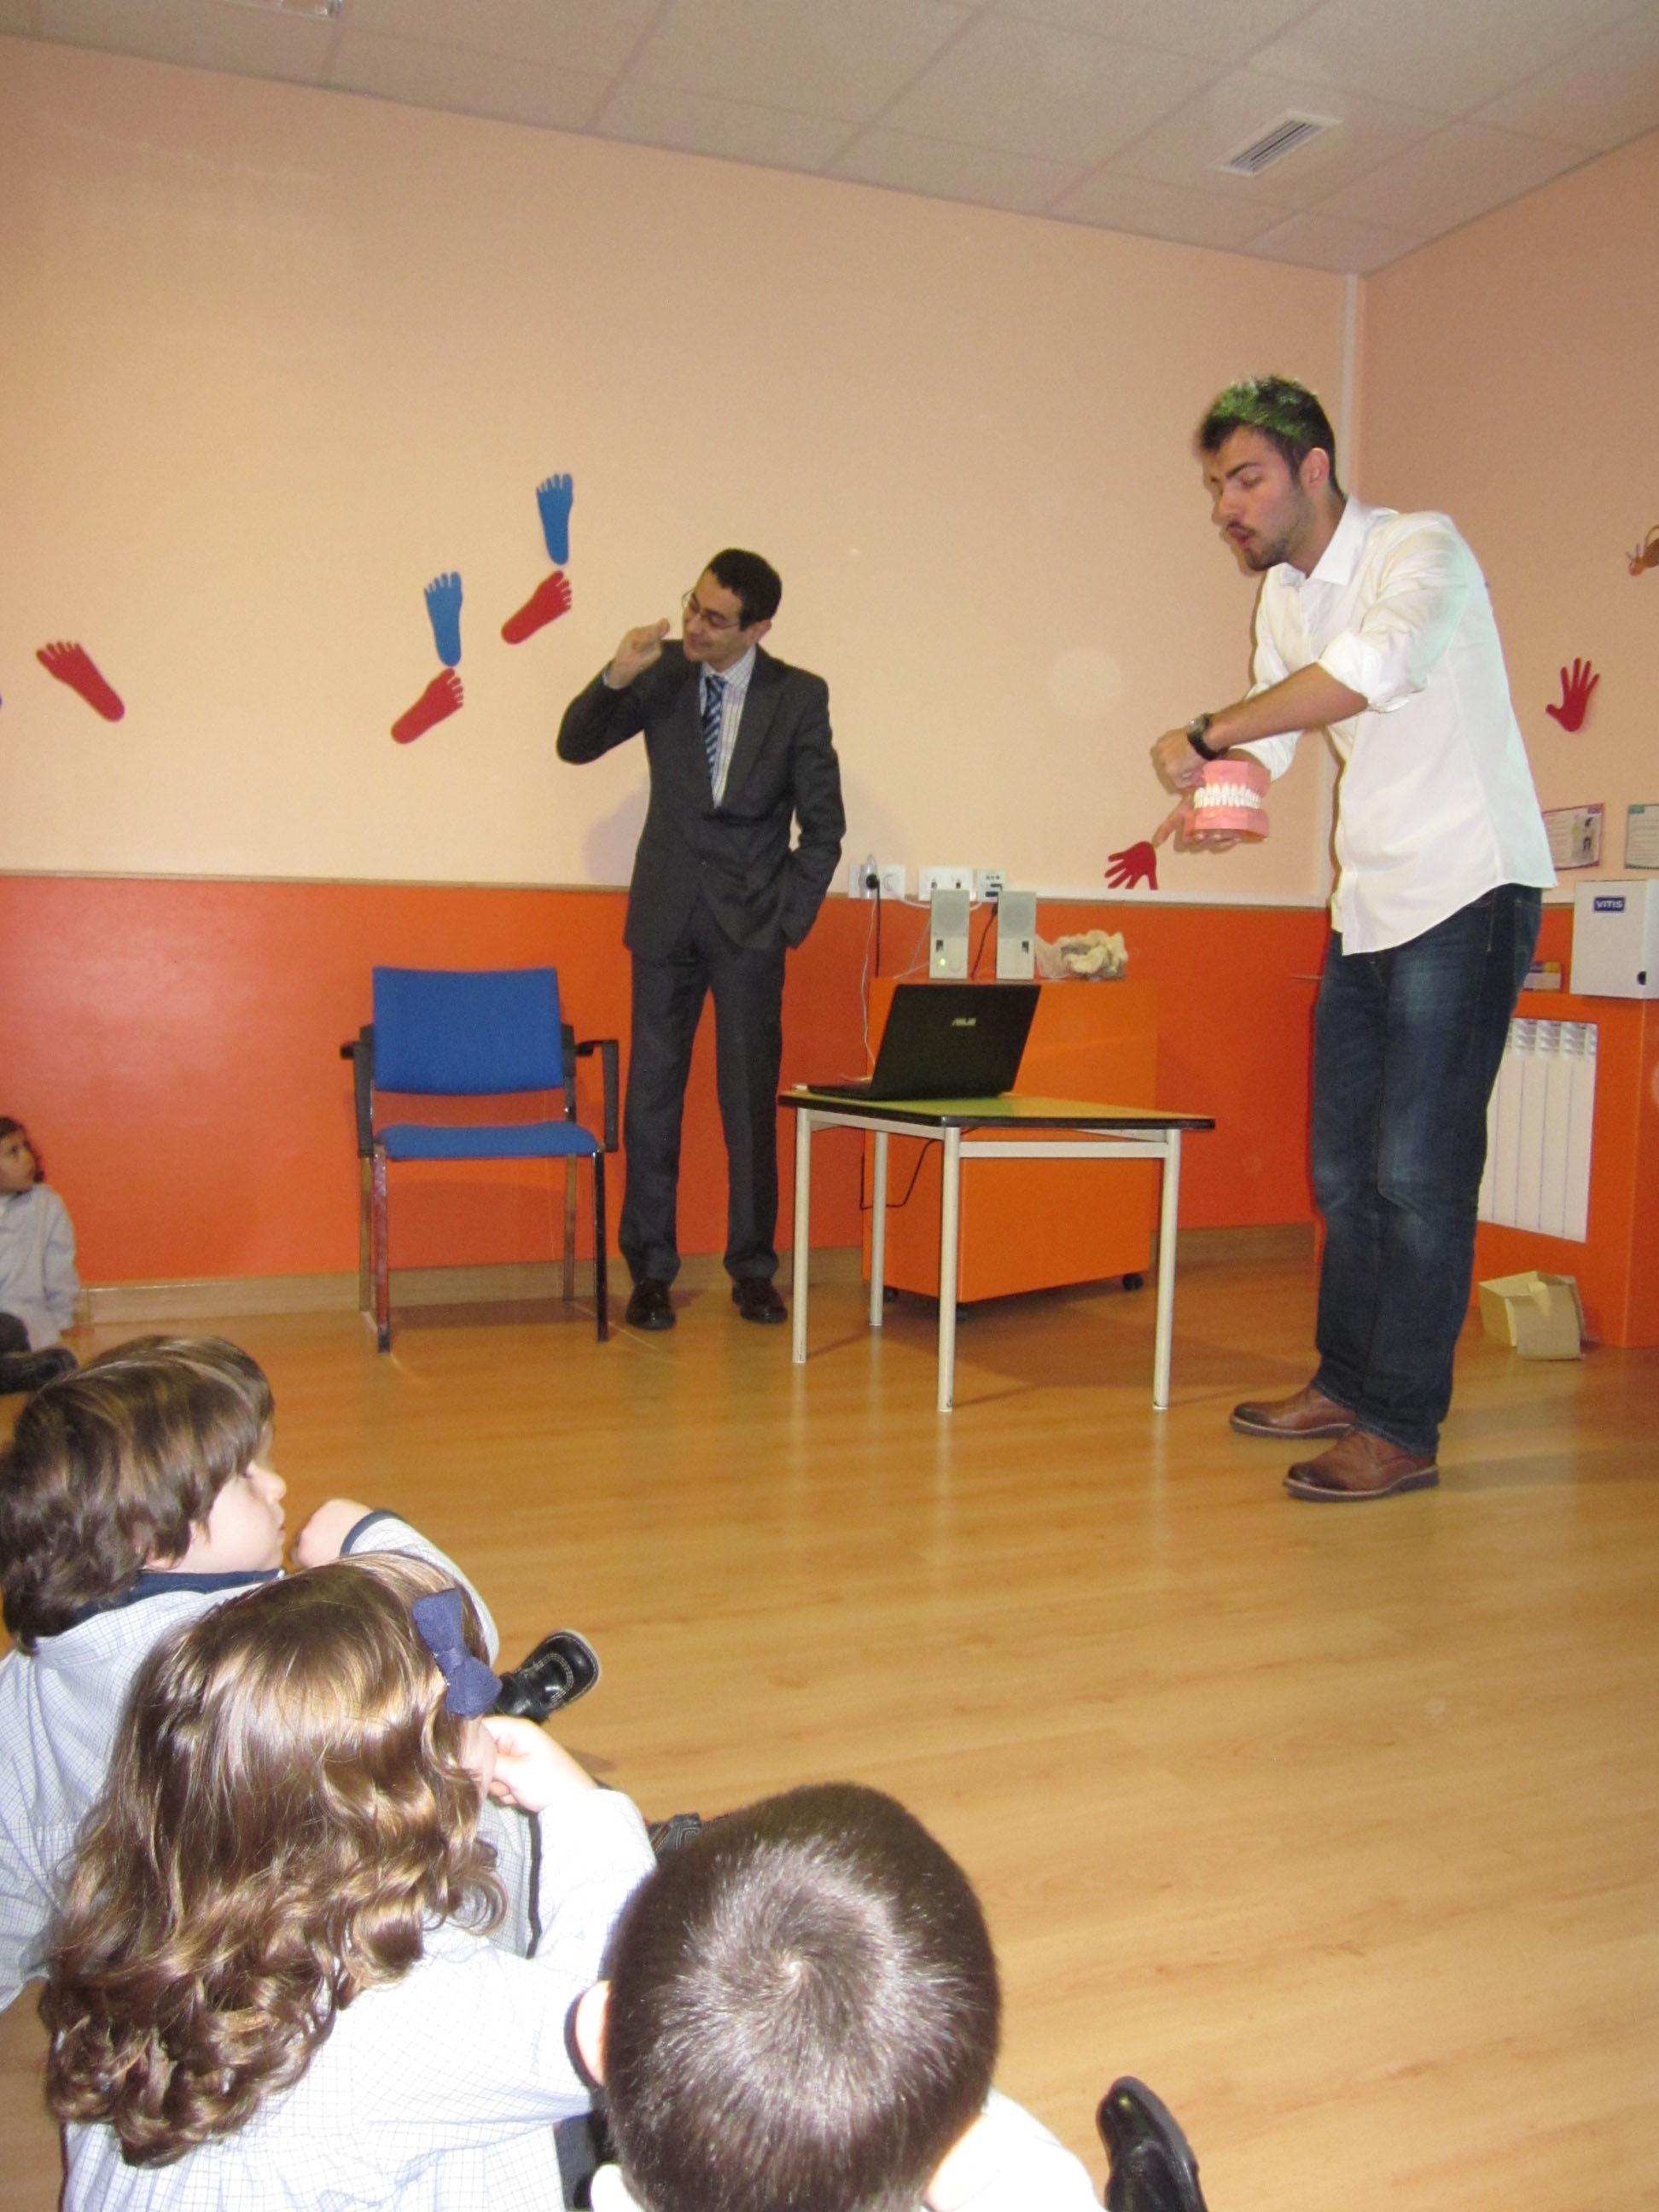 Demostración bucodental por parte de un alumnos de Odontología de la Universidad de Salamanca promueven la salud bucodental entre los escolares de Salamanca